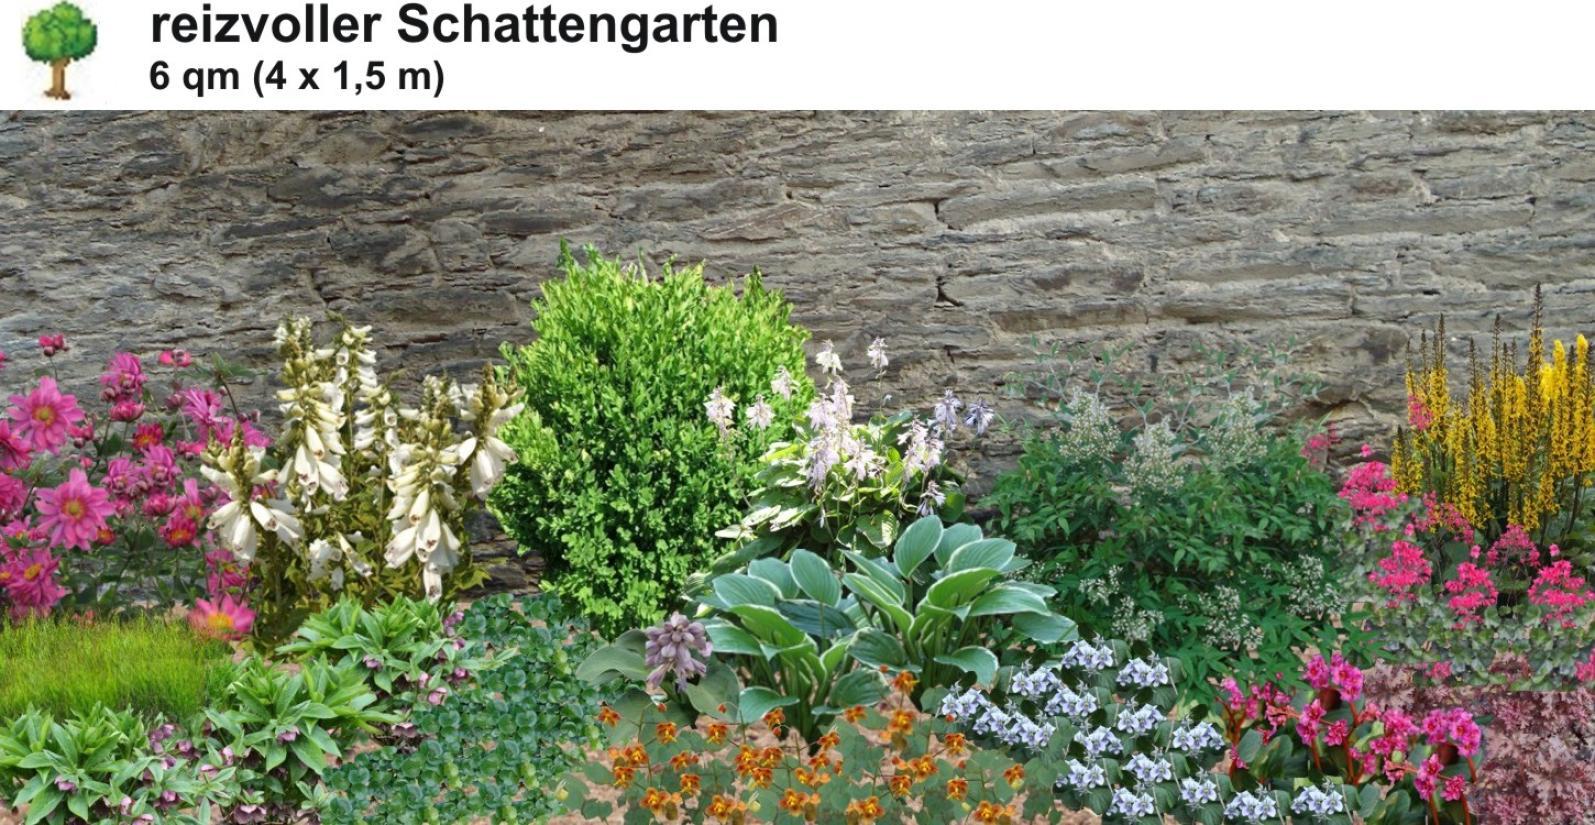 Staudenbeete Mit Bunten Pflanzen Fur Schattige Platze